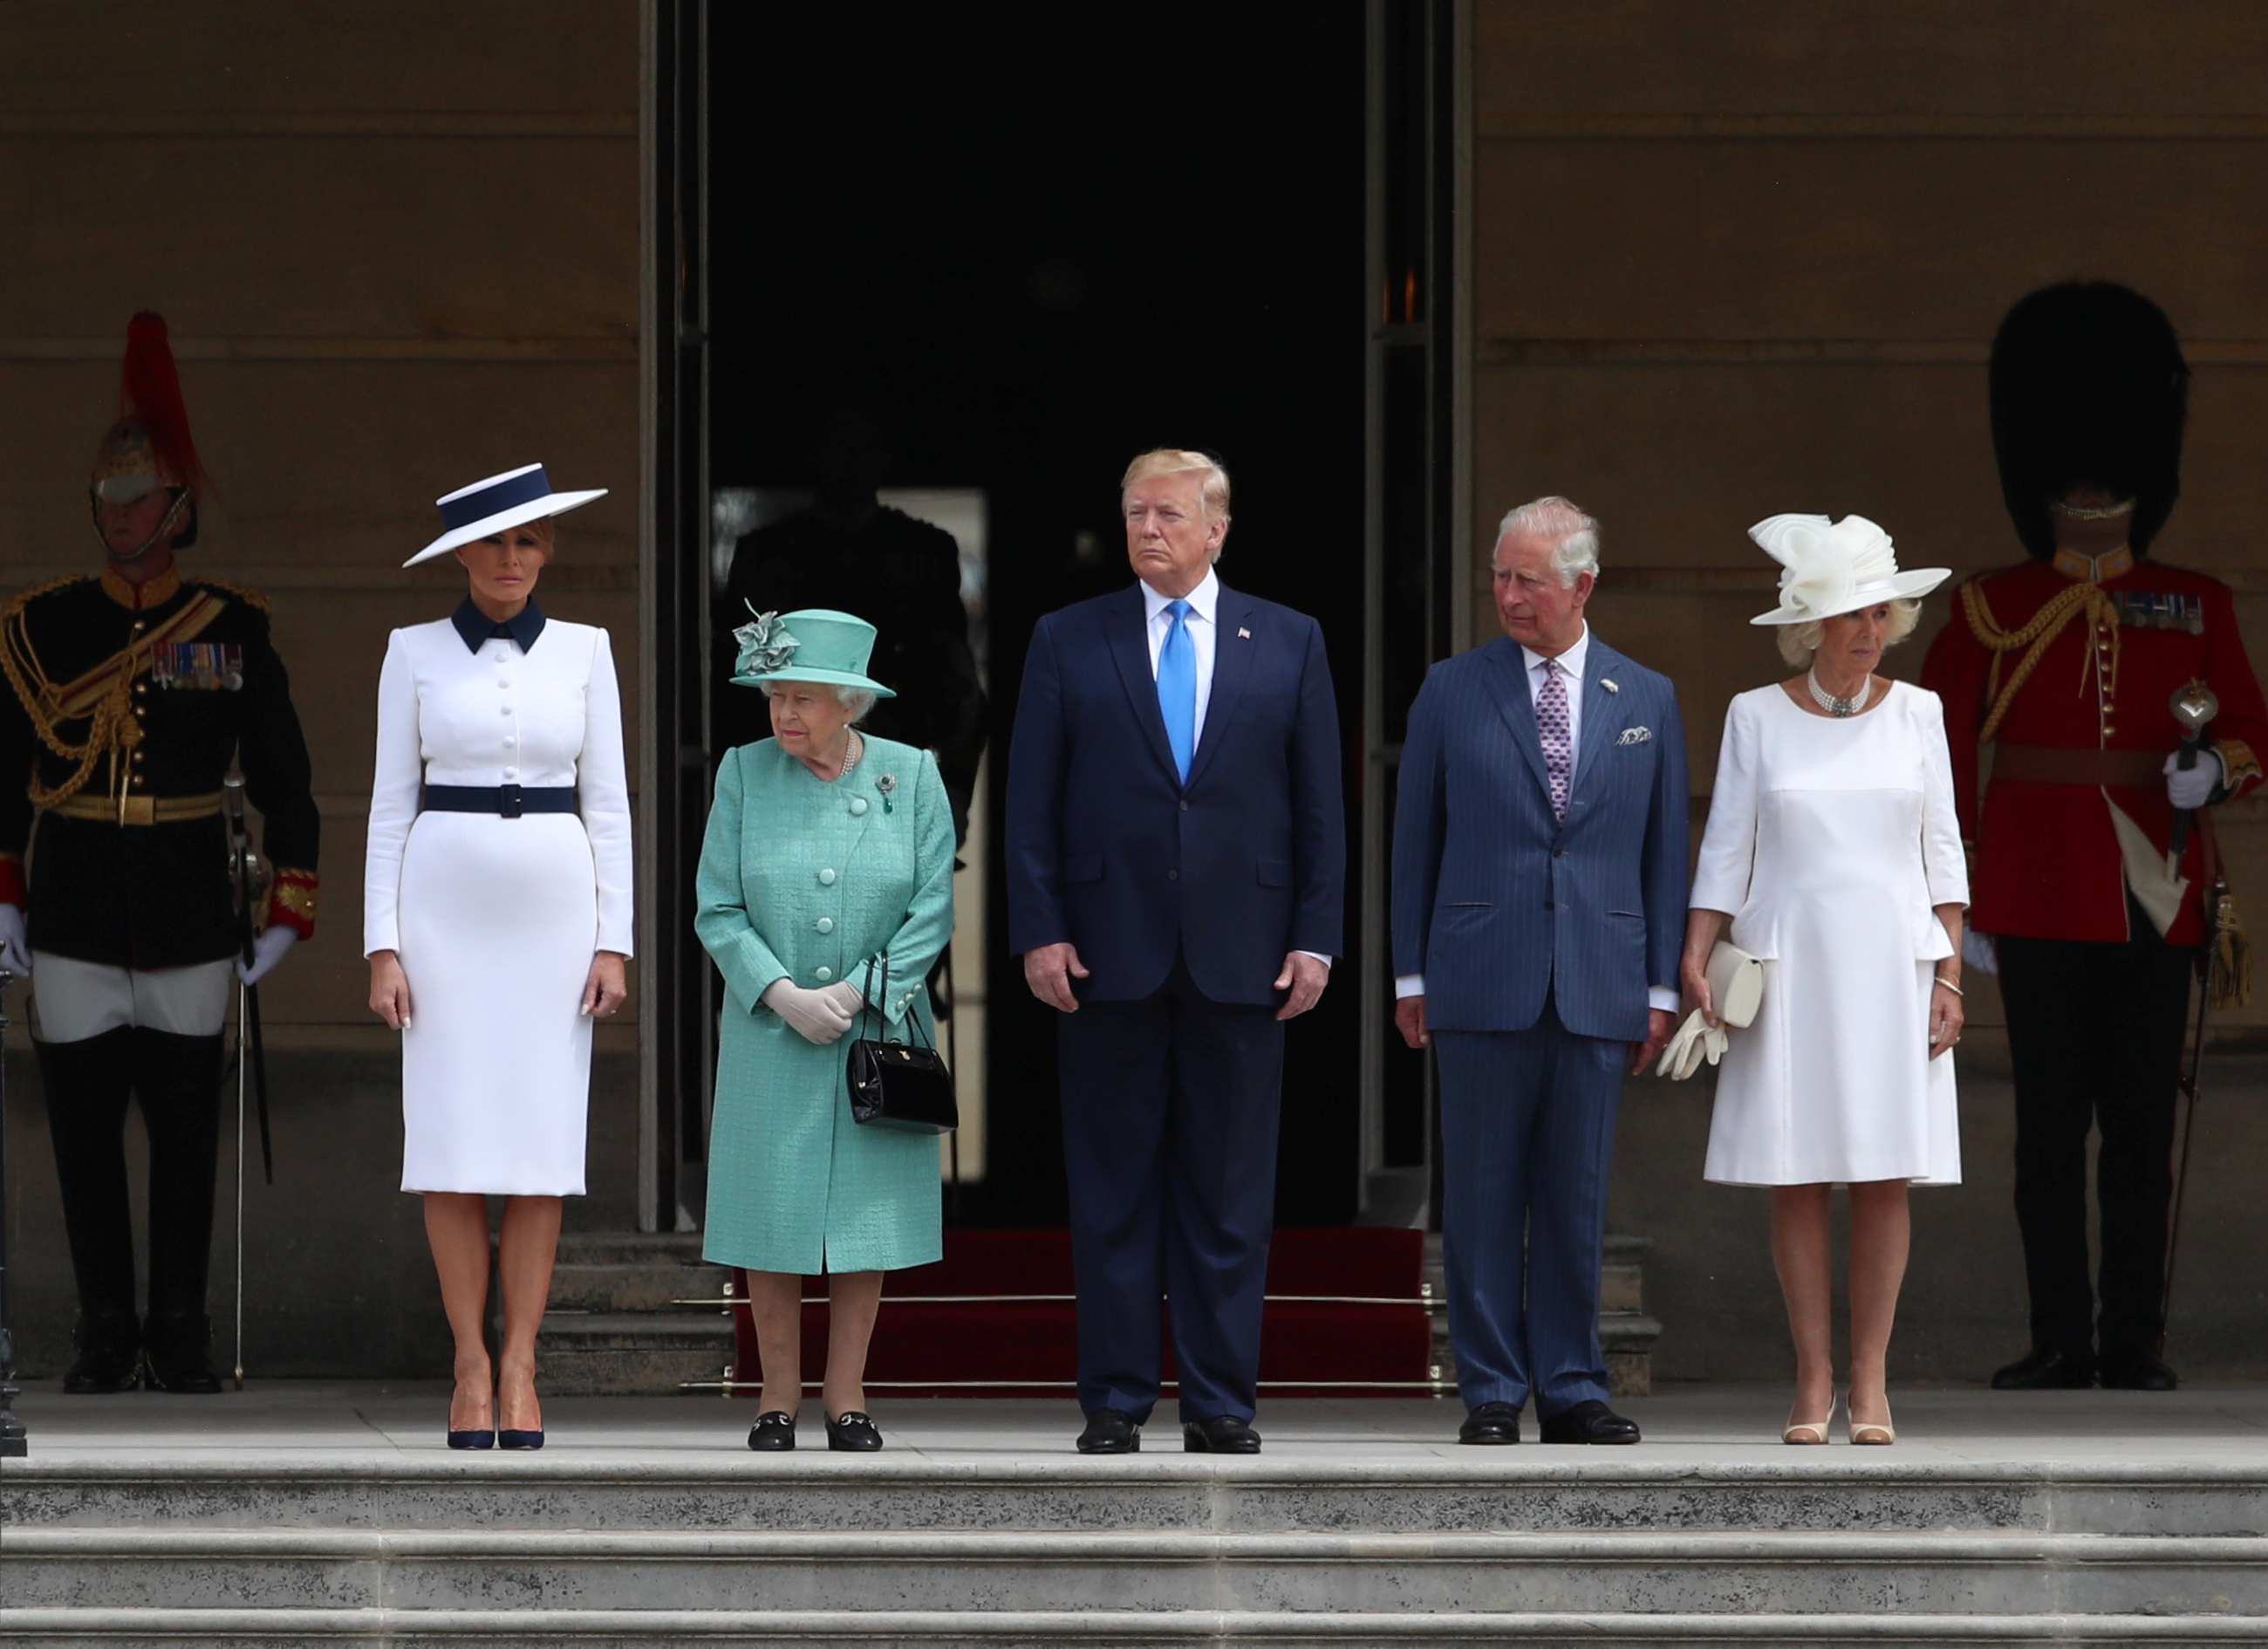 الرئيس دونالد ترامب والسيدة الأولى ميلانيا برفقة الملكة إليزابيث خلال حفل استقباله في قصر باكنغهام